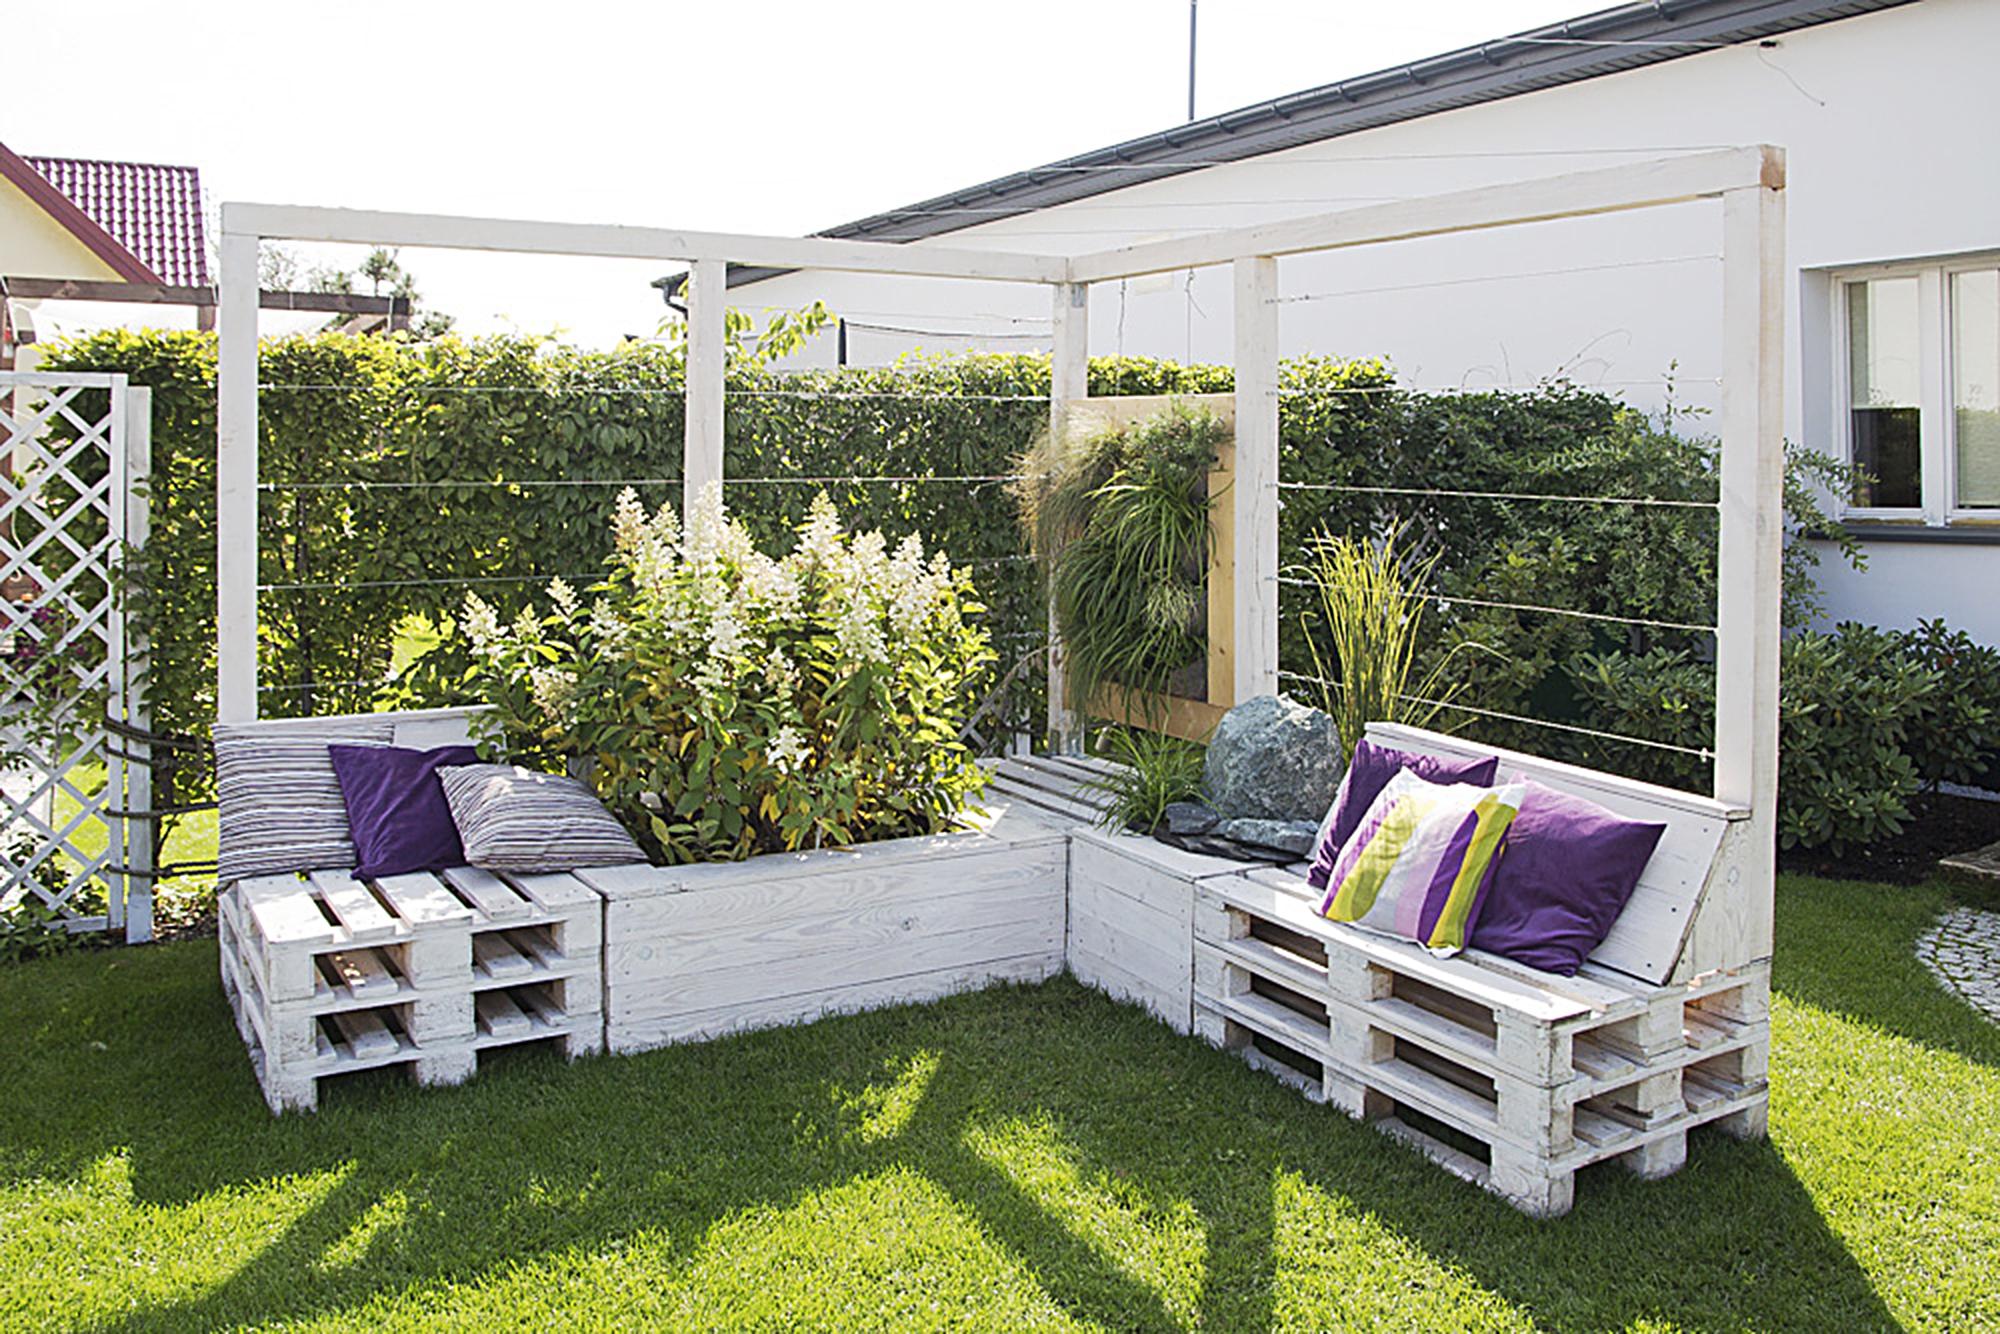 Bardzo dobryFantastyczny Meble ogrodowe z palet - 5 stylowych pomysłów - Claudia RP93